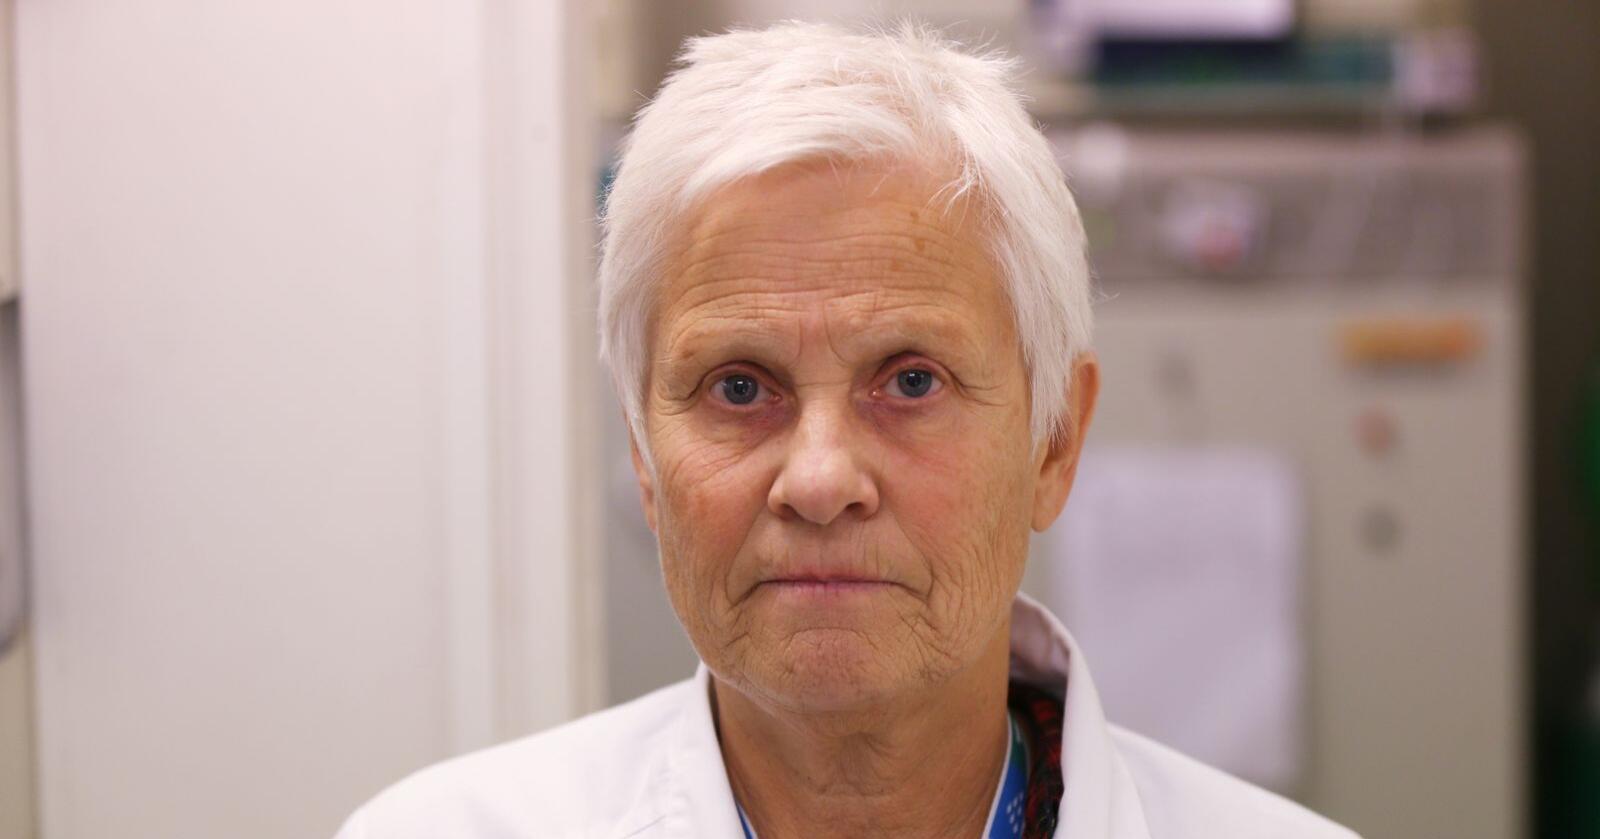 Jorun Jarp er fra 1. mai er hun konstituert som administrerende direktør i Veterinærinstituttet. Arkivfoto: Ørn E. Borgen / NTB